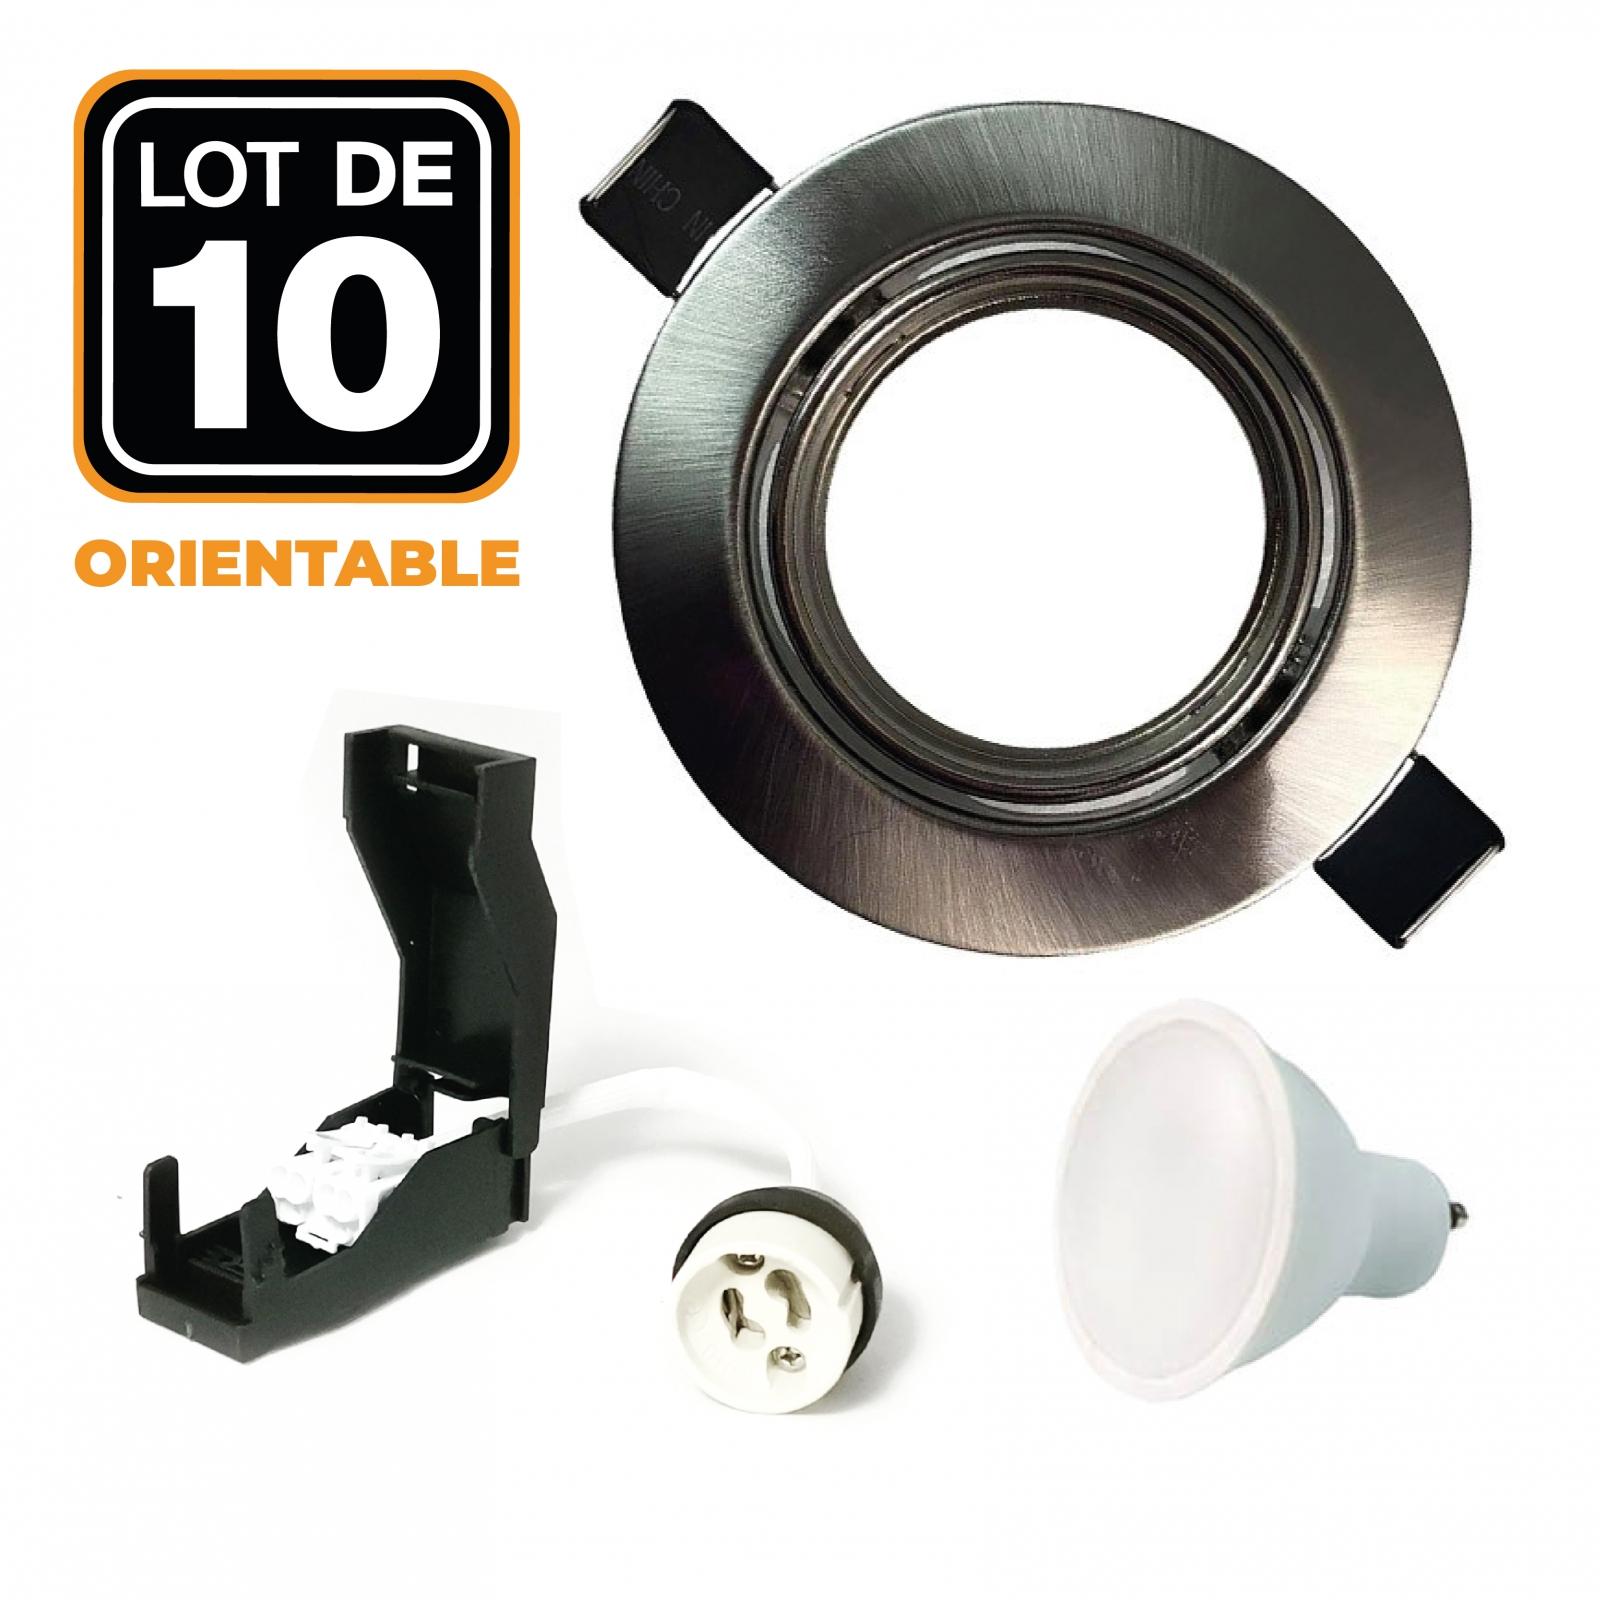 Lot de 10 Spots encastrable orientable Alu Brossé avec GU10 LED de 7W eqv. 56W